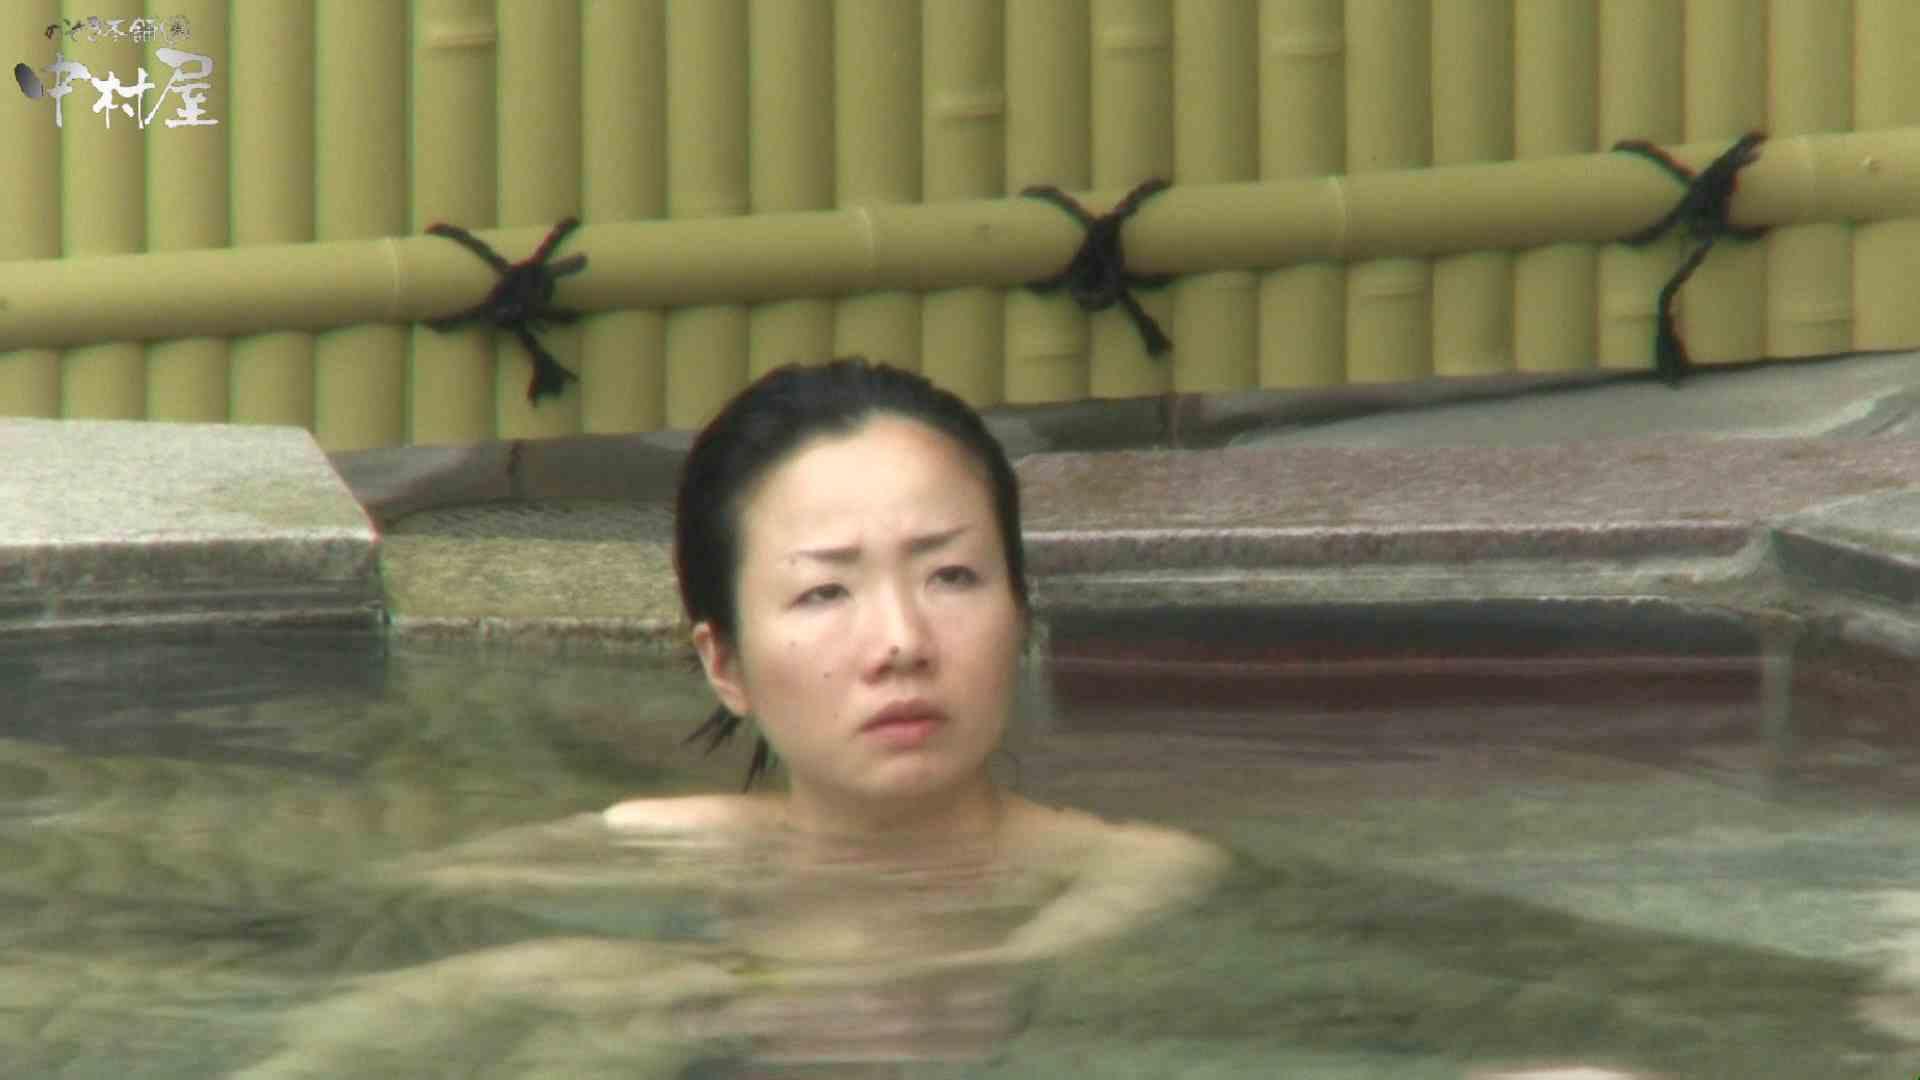 Aquaな露天風呂Vol.950 露天風呂 | 盗撮  107連発 1